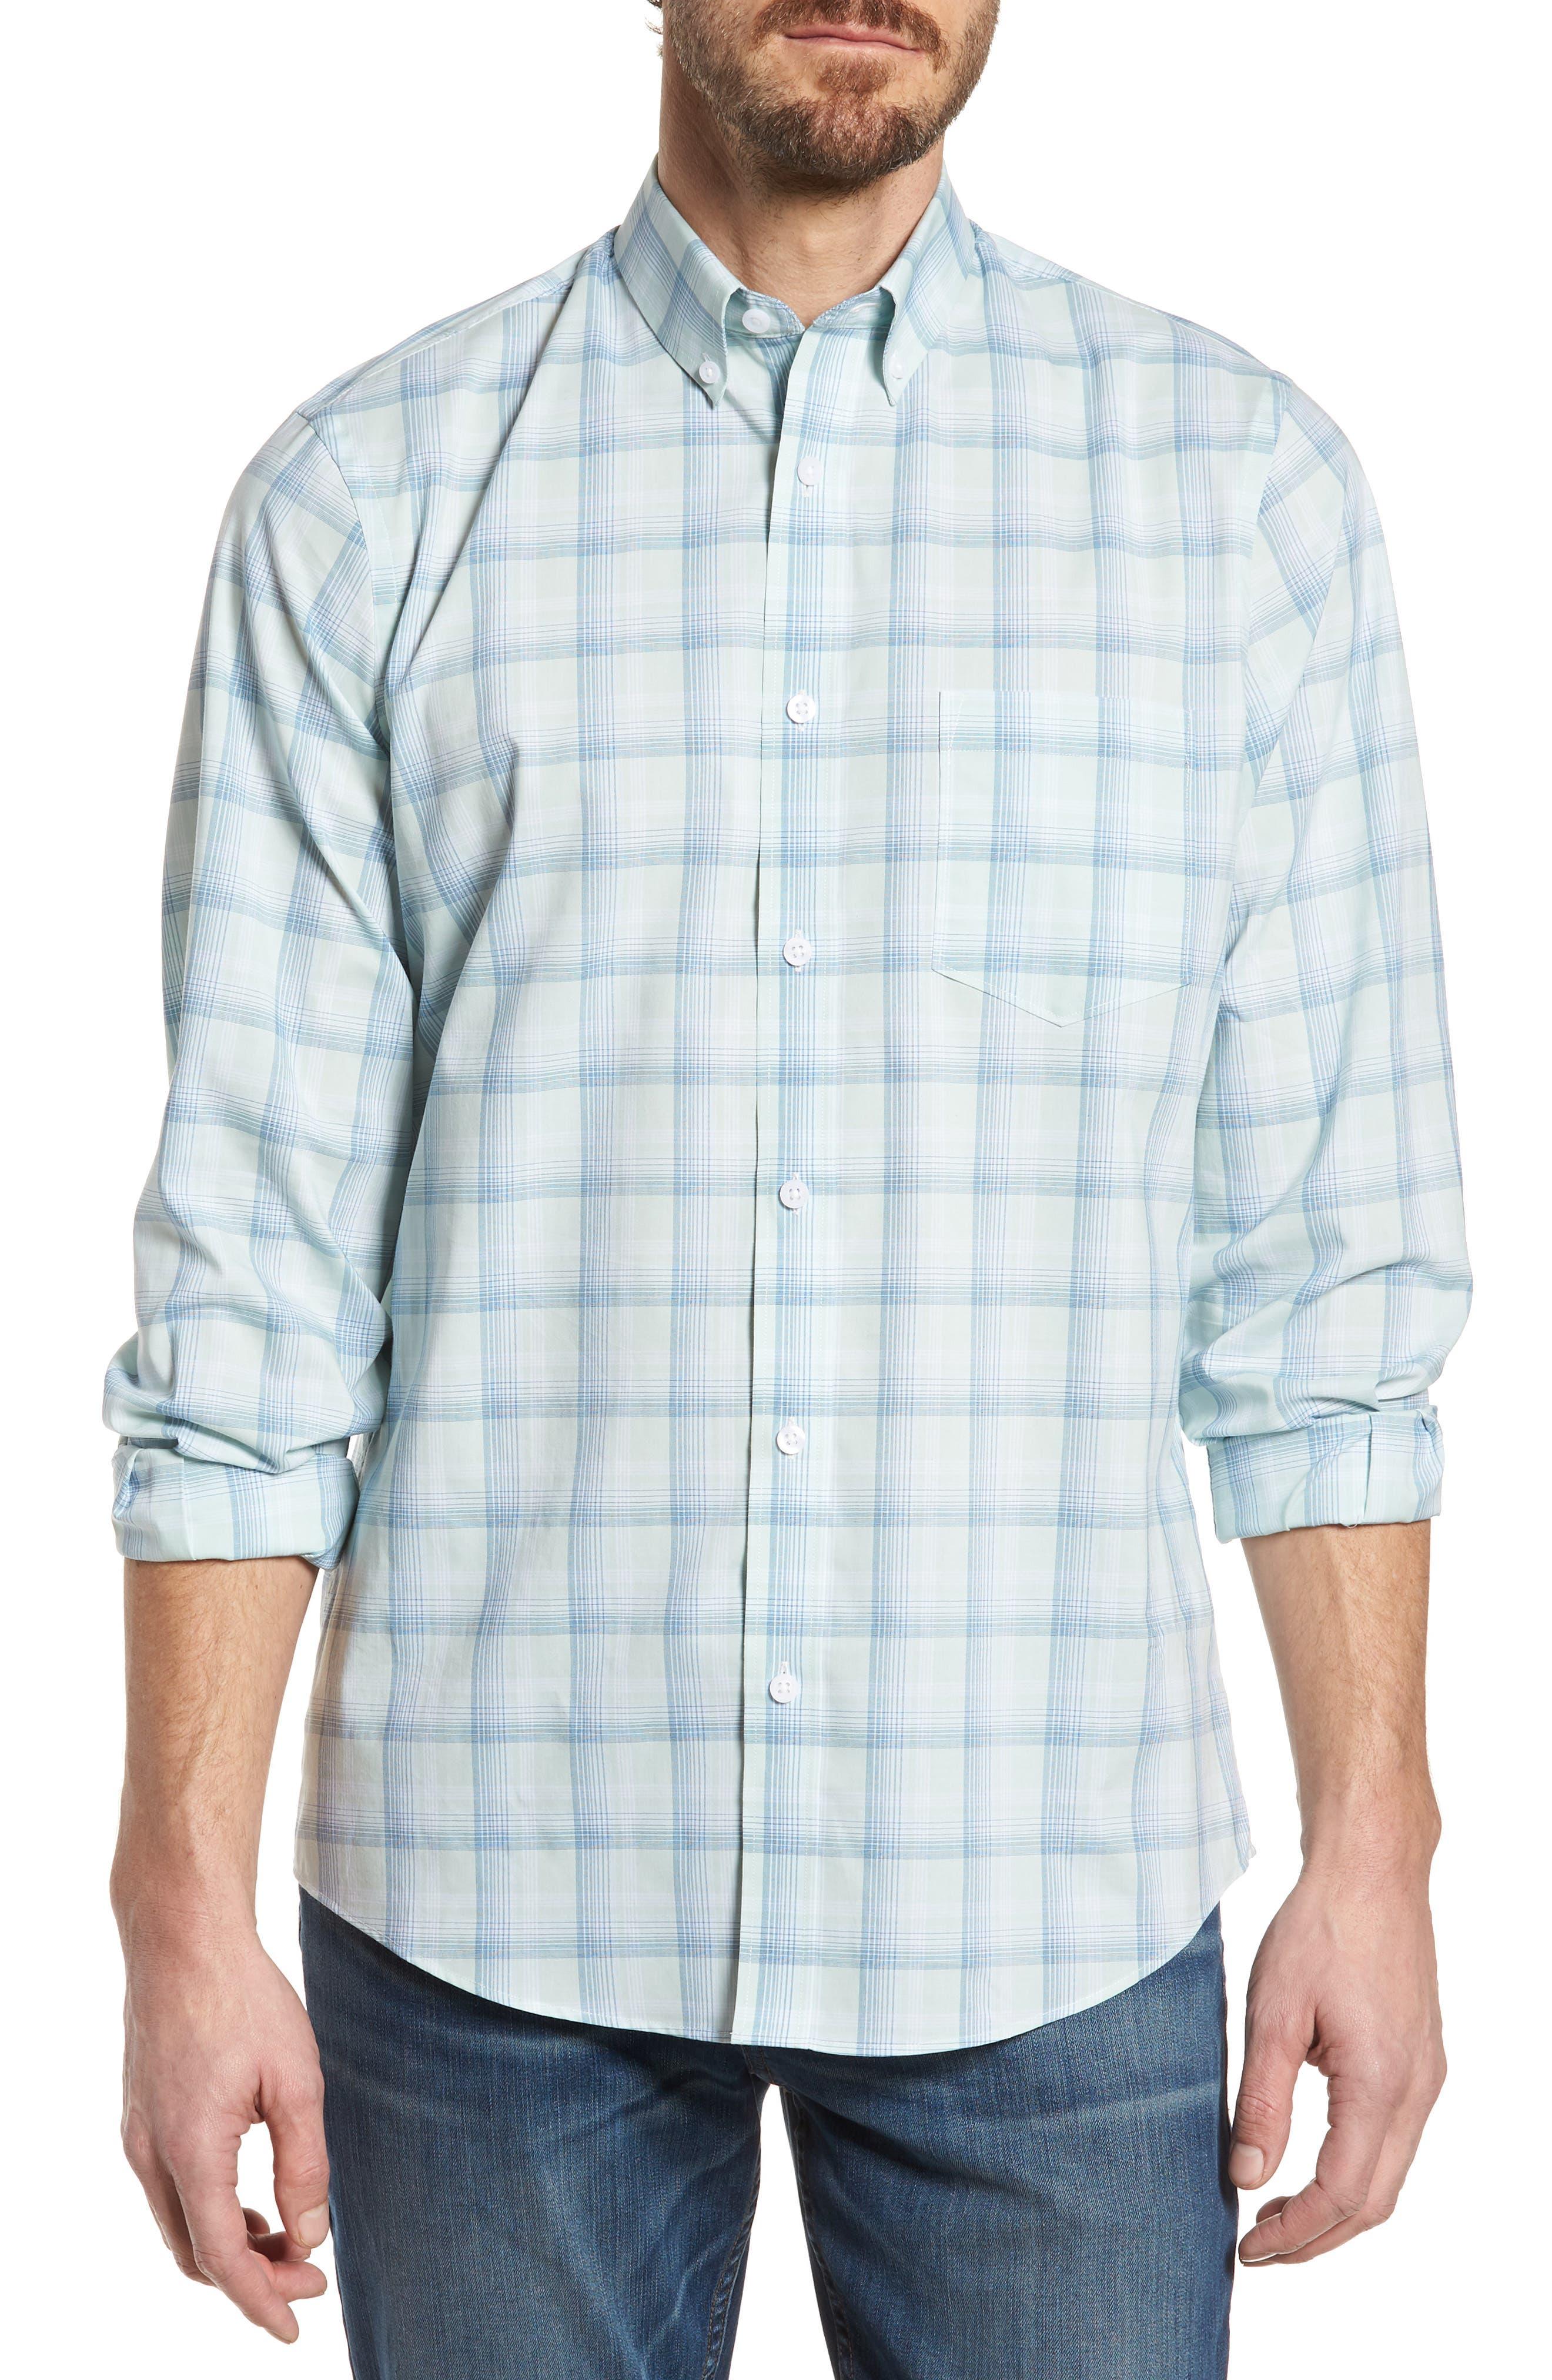 Tech-Smart Regular Fit Plaid Sport Shirt,                             Main thumbnail 1, color,                             Teal Surf Blue Plaid